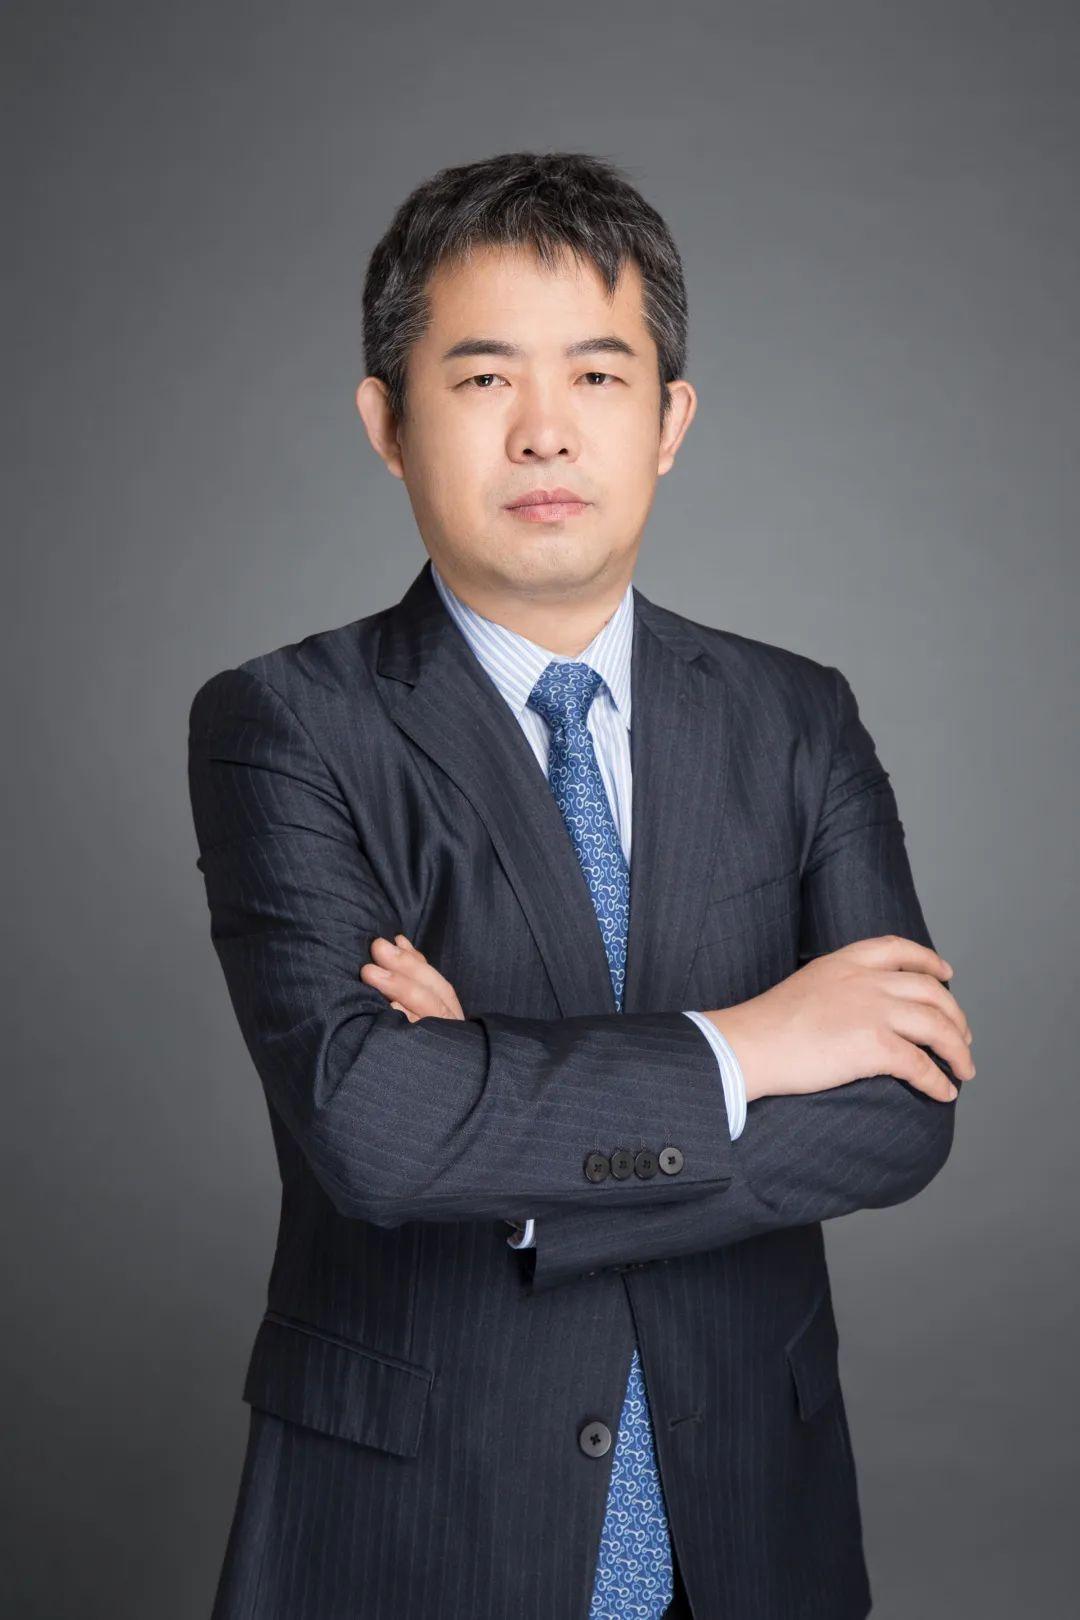 博时基金魏凤春:权益市场存结构性机会 港股有望出现盈利修复驱动的上涨行情